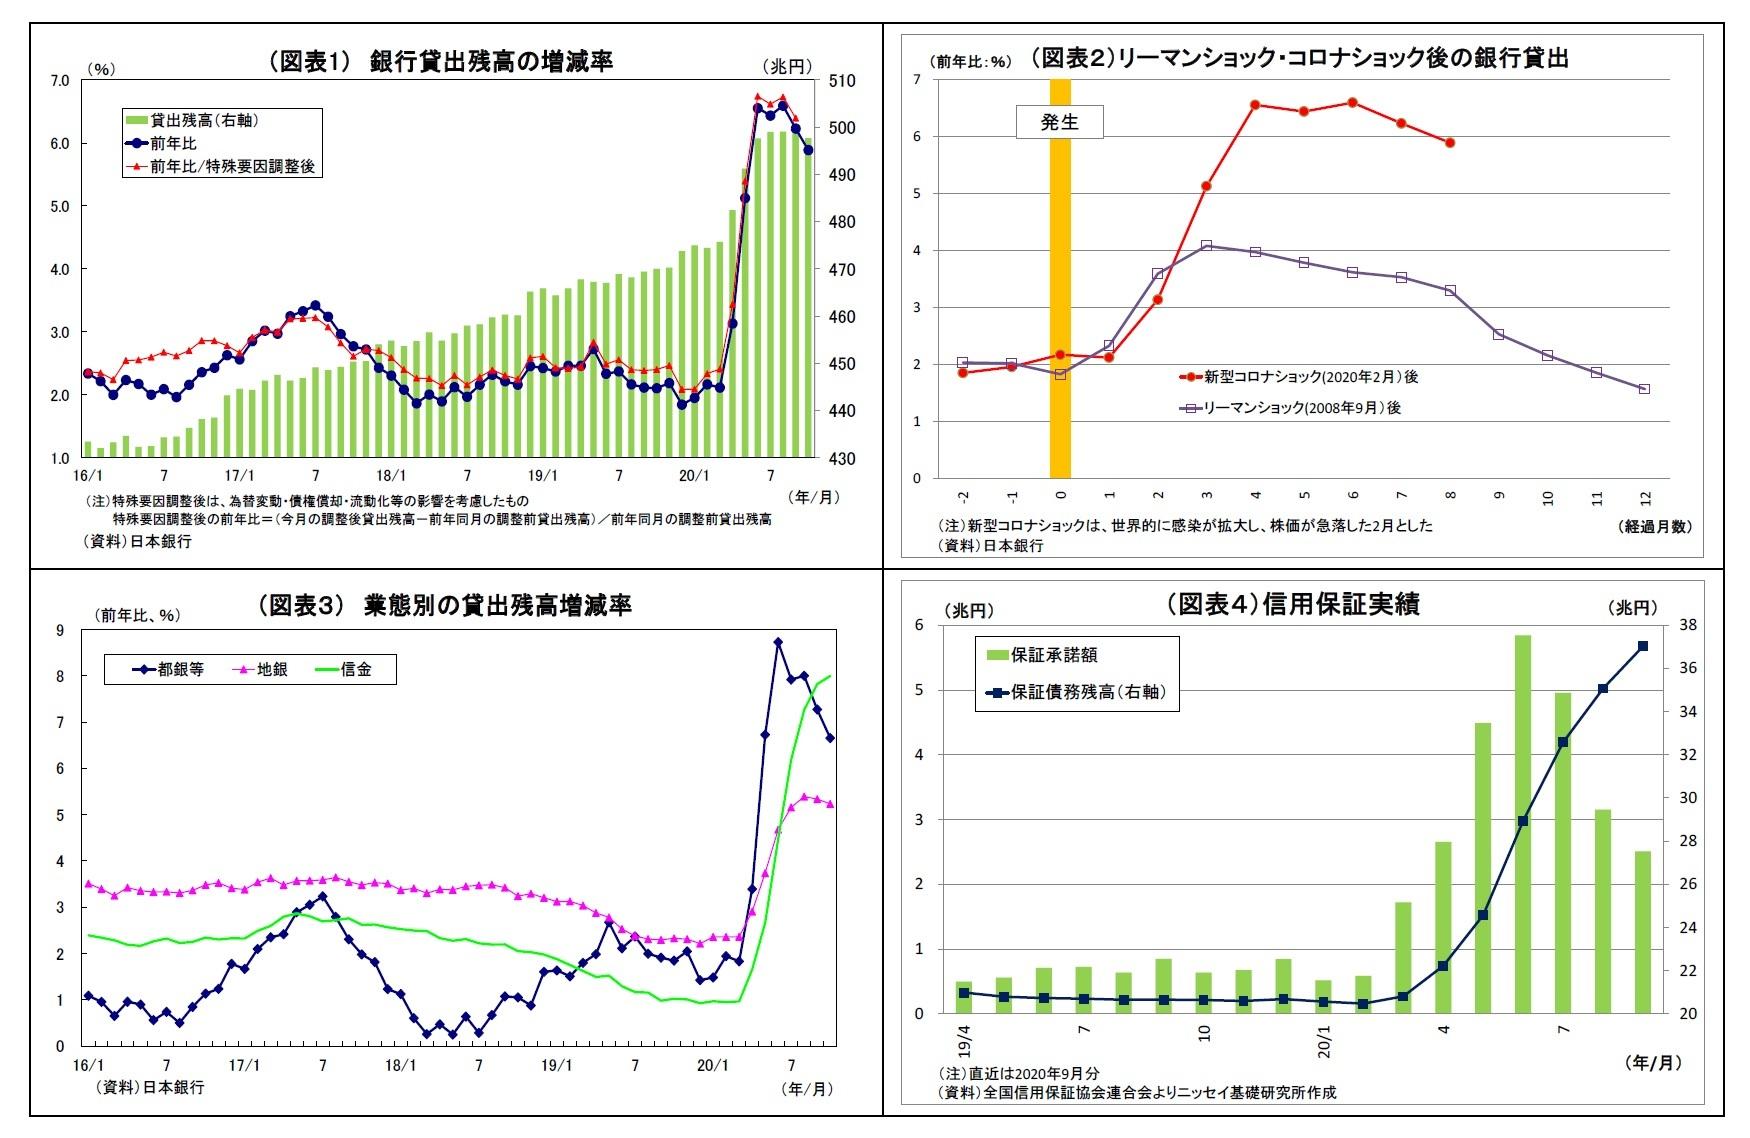 (図表1)銀行貸出残高の増減率/(図表2)リーマンショック・コロナショック後の銀行貸出/(図表3)業態別の貸出残高増減率/(図表4)信用保証実績